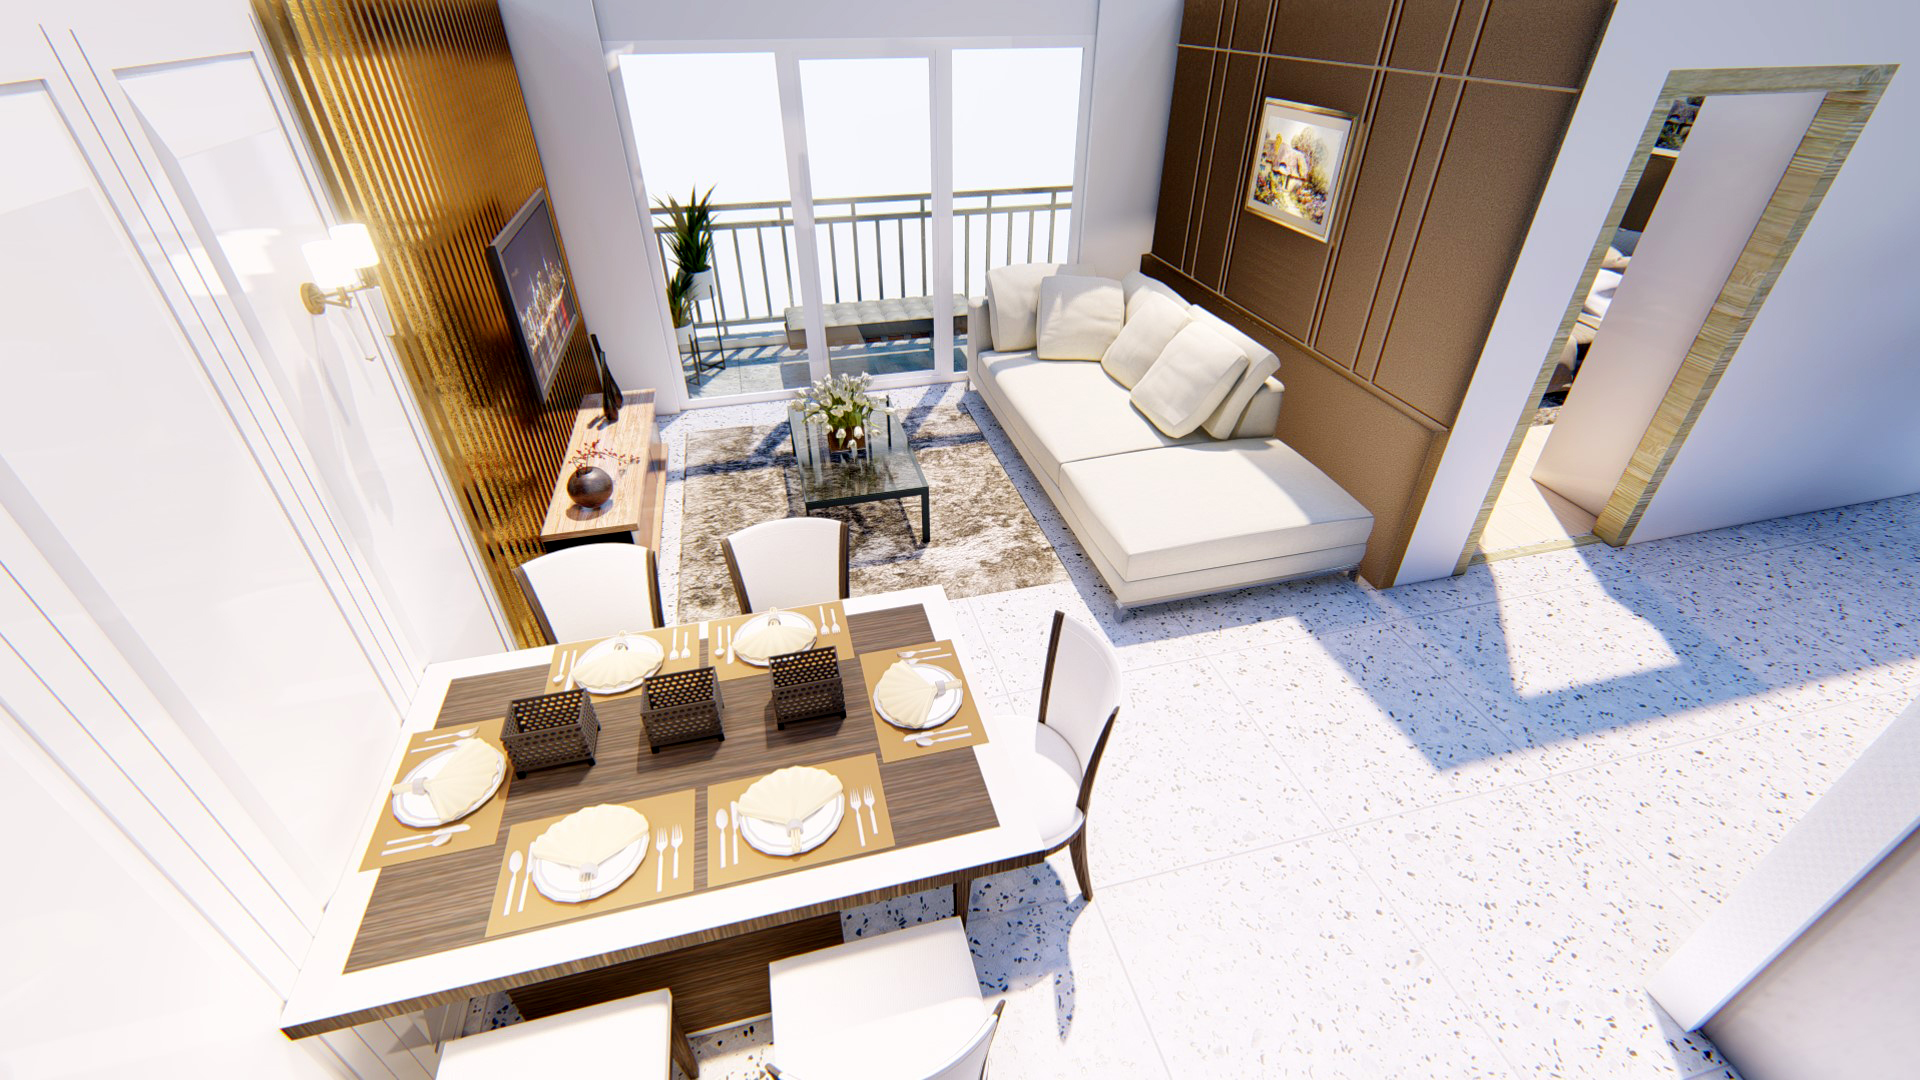 Kinh nghiệm chọn tầng chung cư Nên ở tầng cao hay thấp - 3